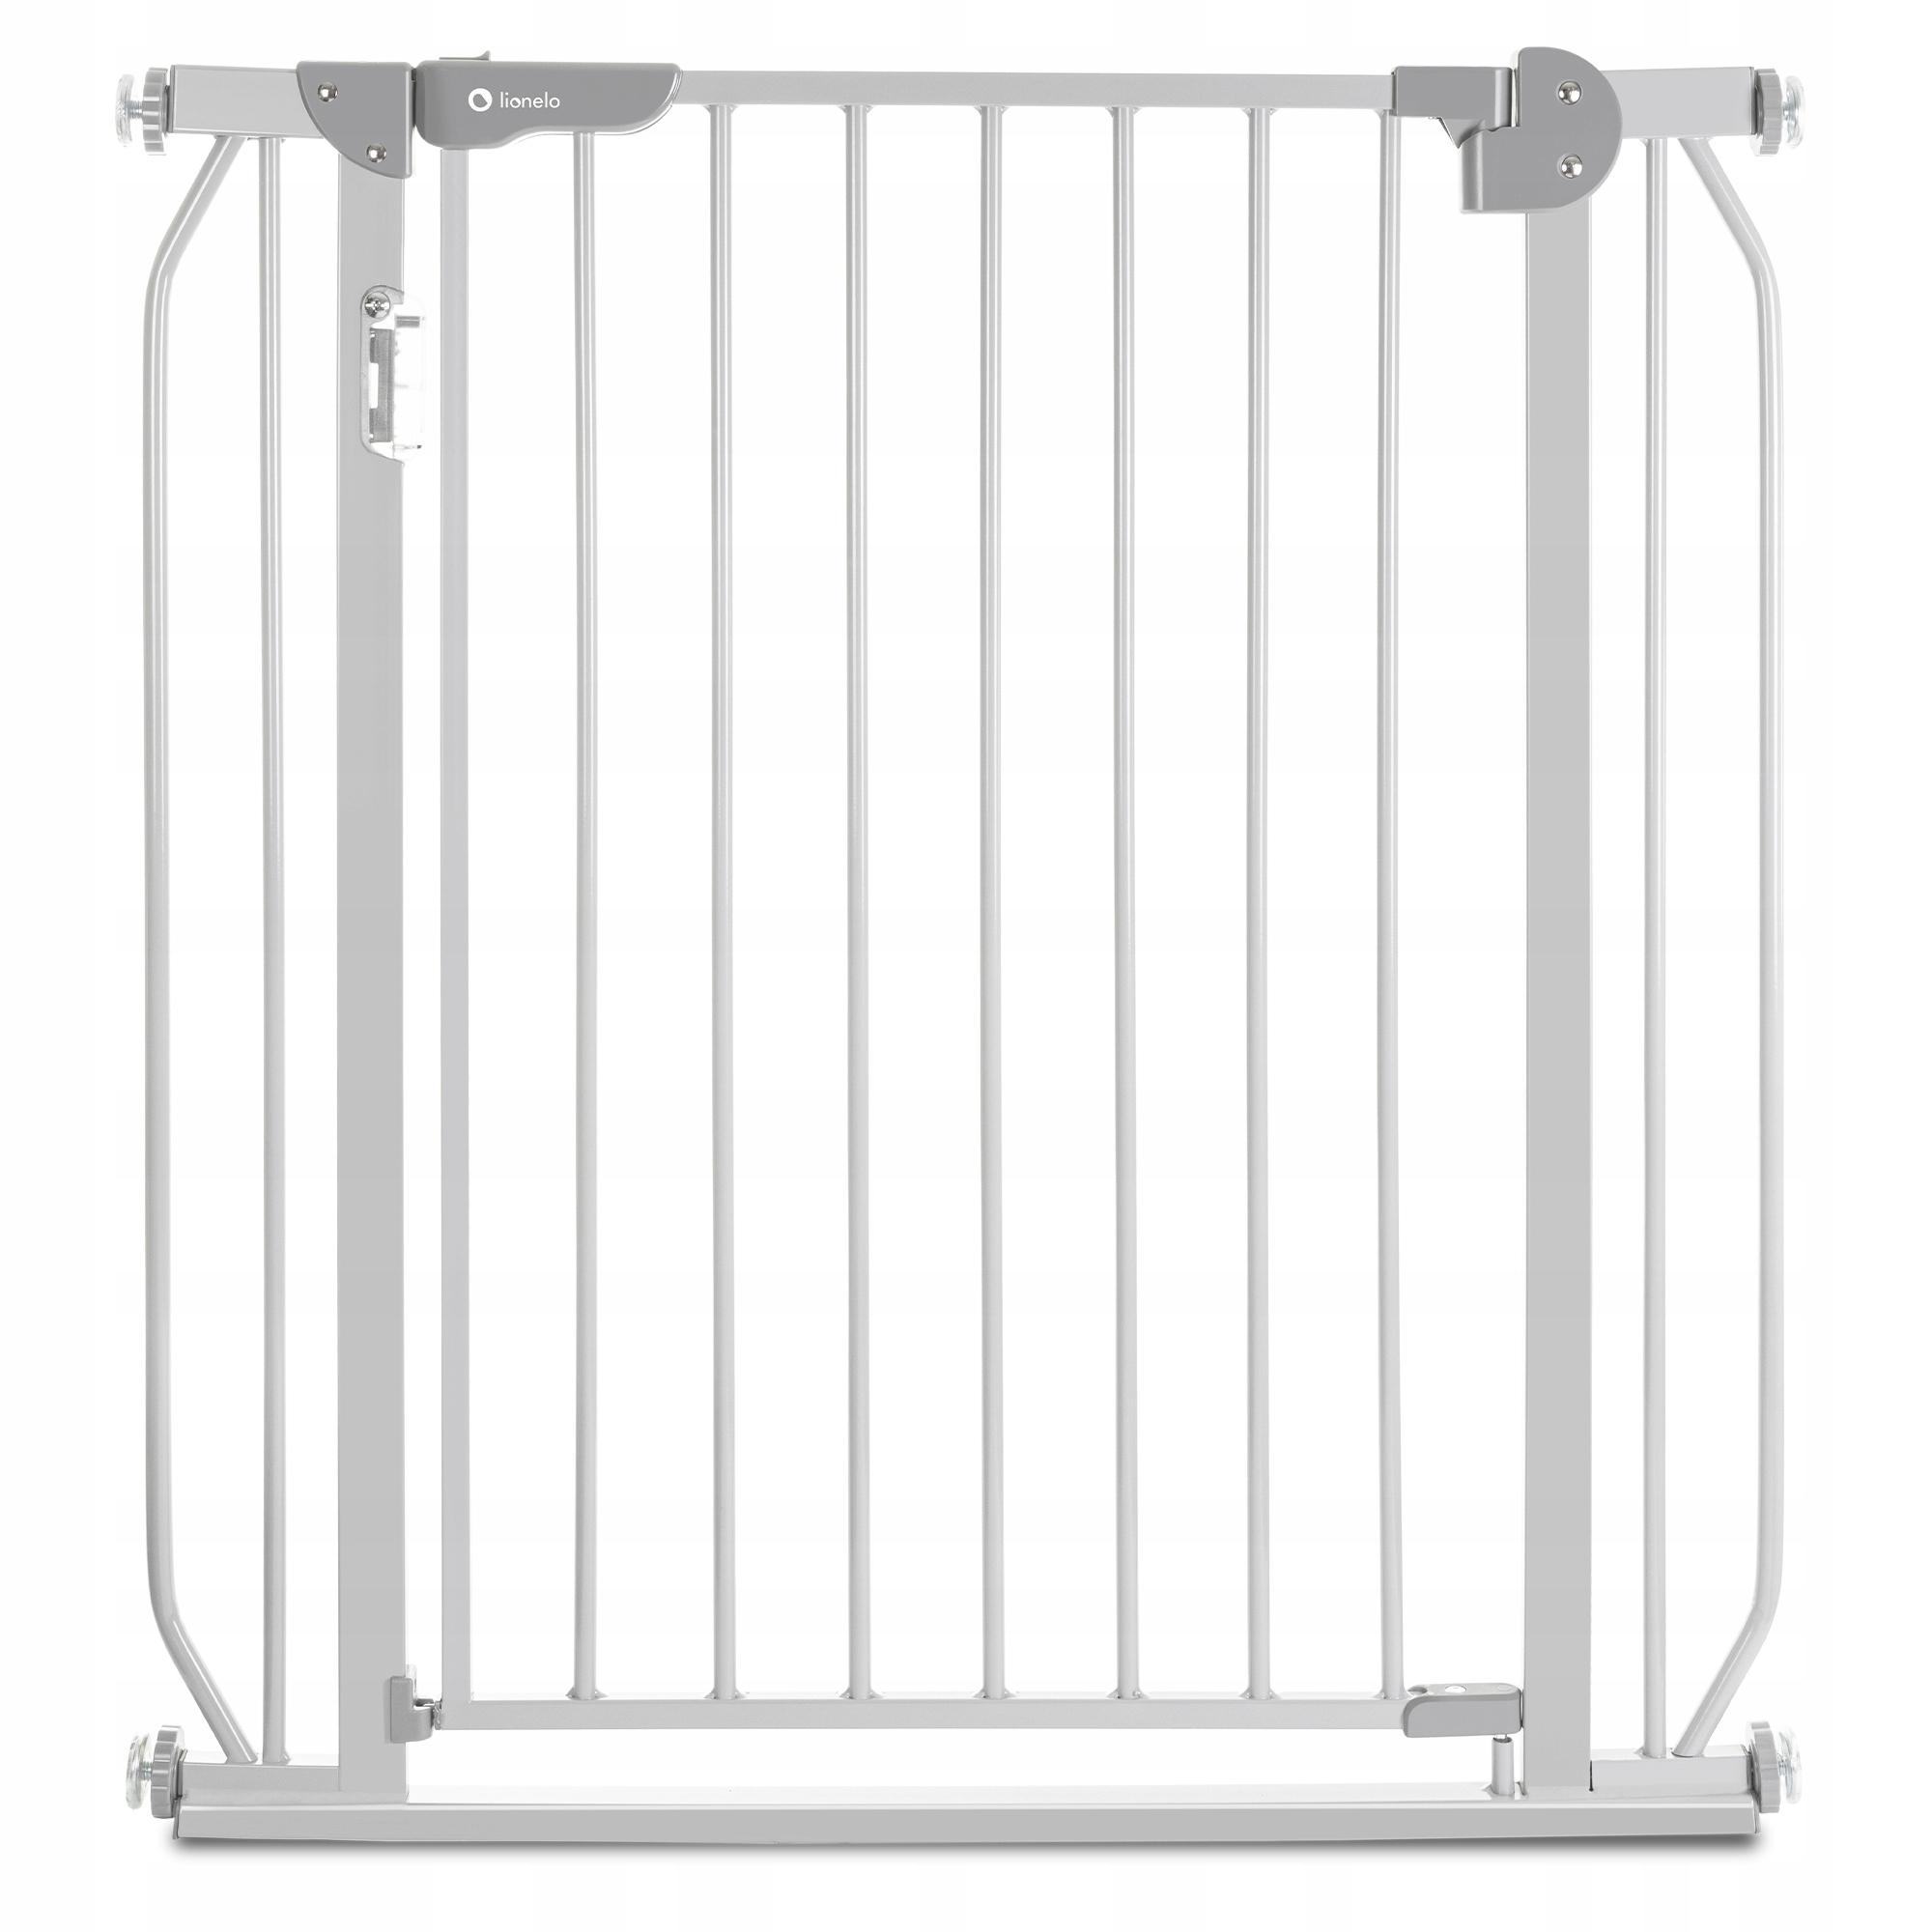 Ворота безопасности Lionelo LO-Truus Slim LED Grey 75-105 cм